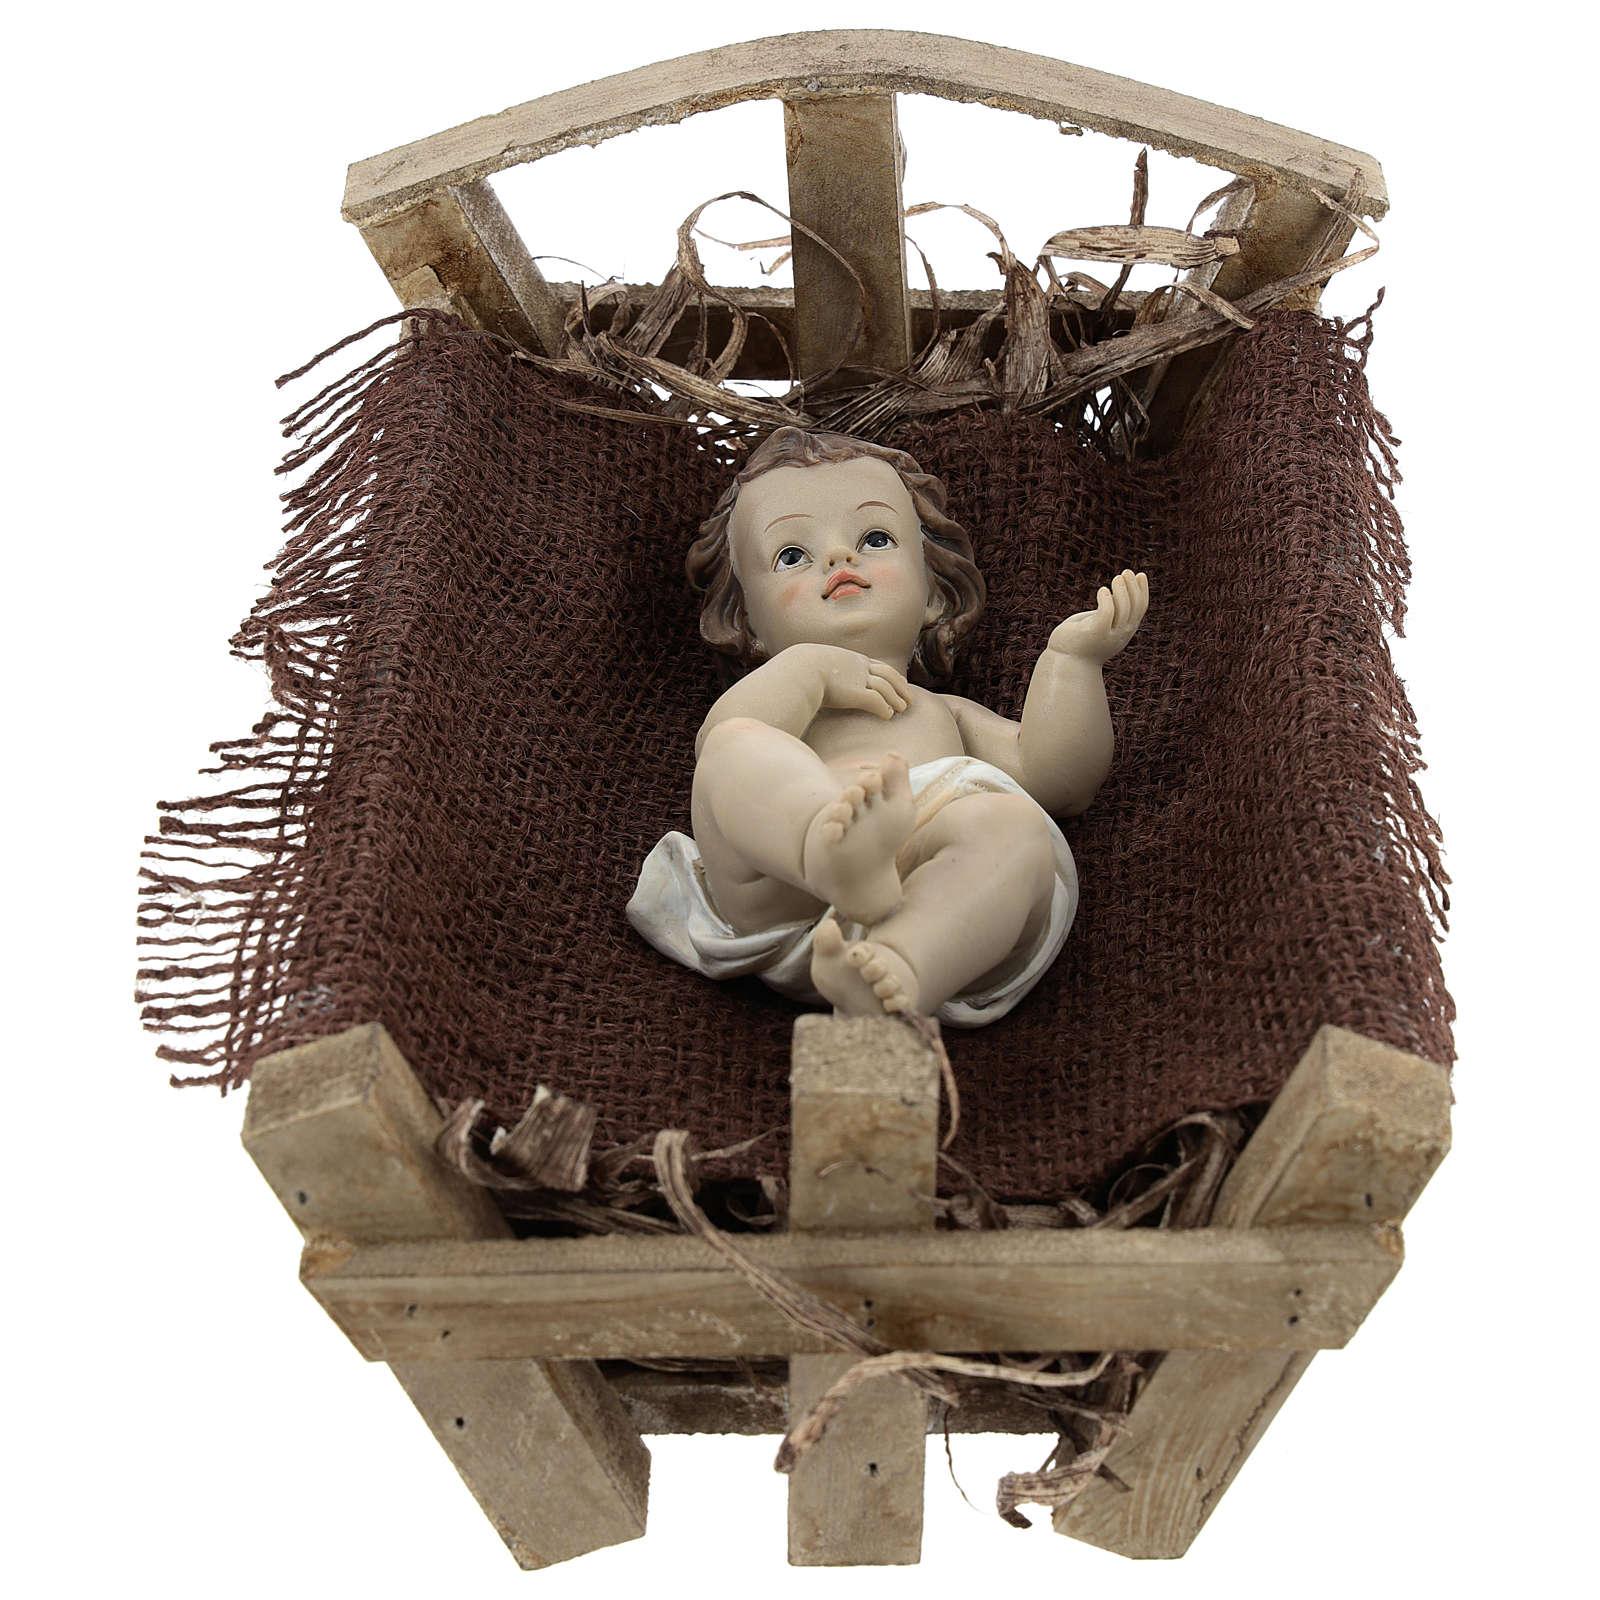 Enfant Jésus résine avec berceau bois h réelle 25 cm 3